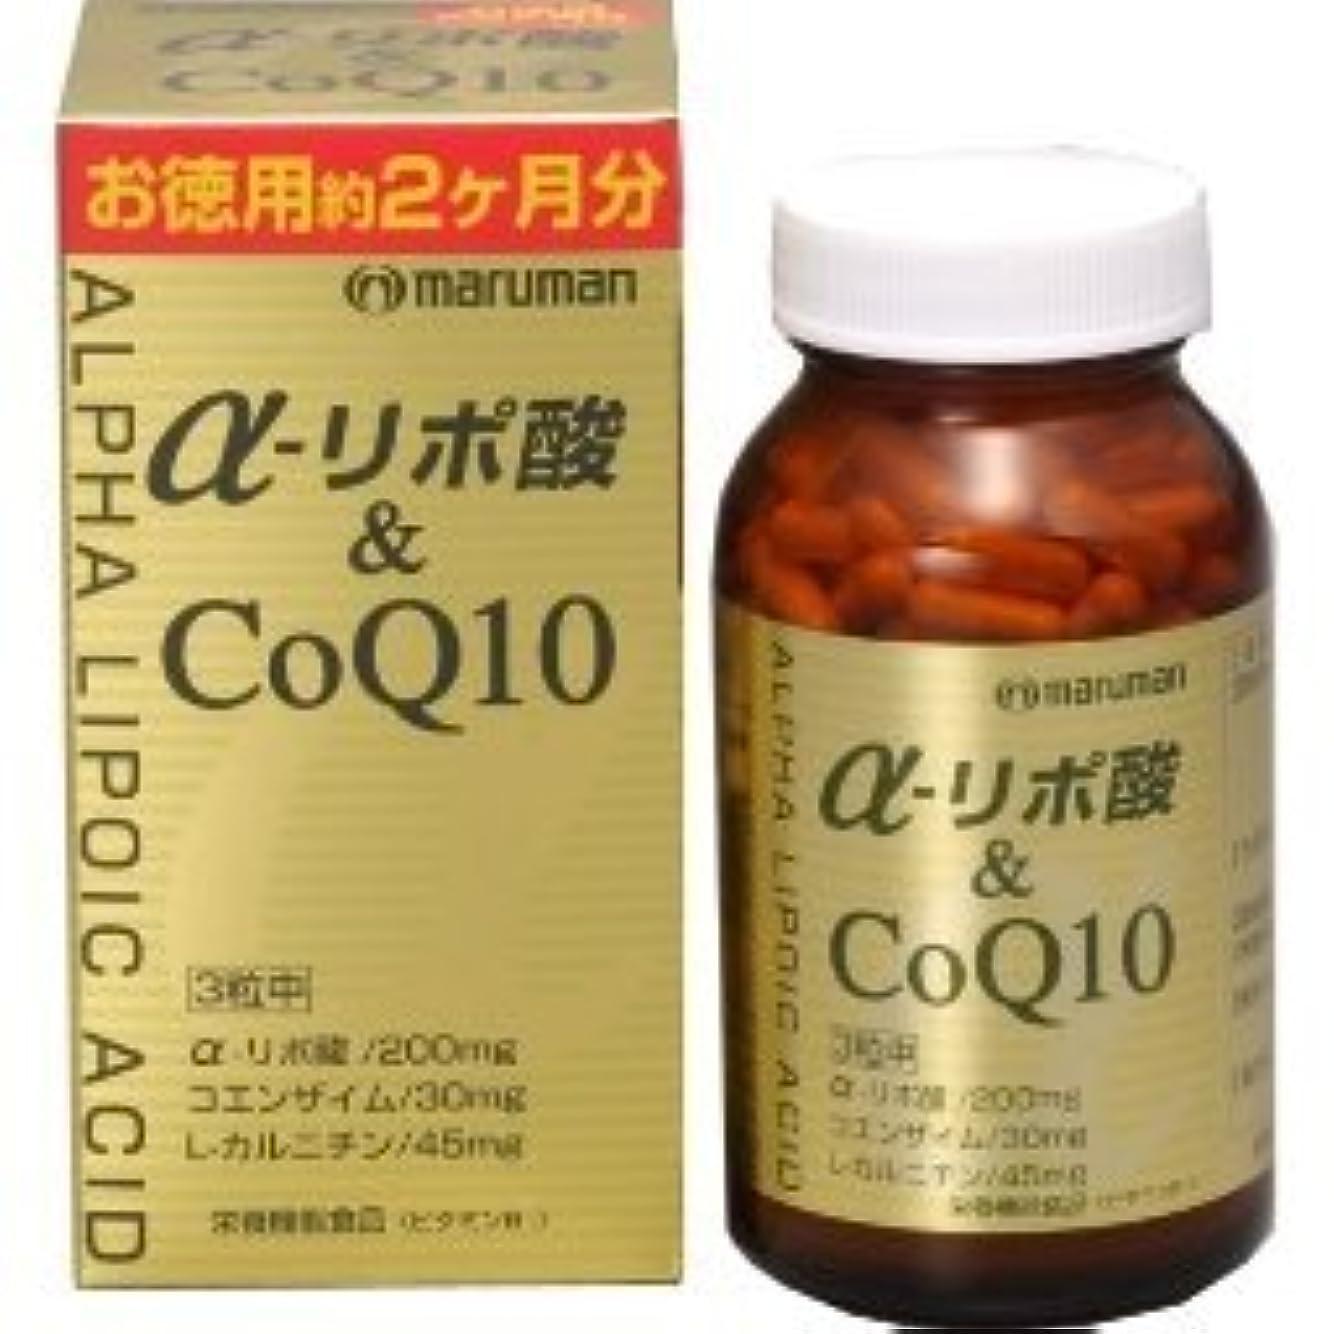 思春期限定粘性のαリポ酸&COQ10 180粒